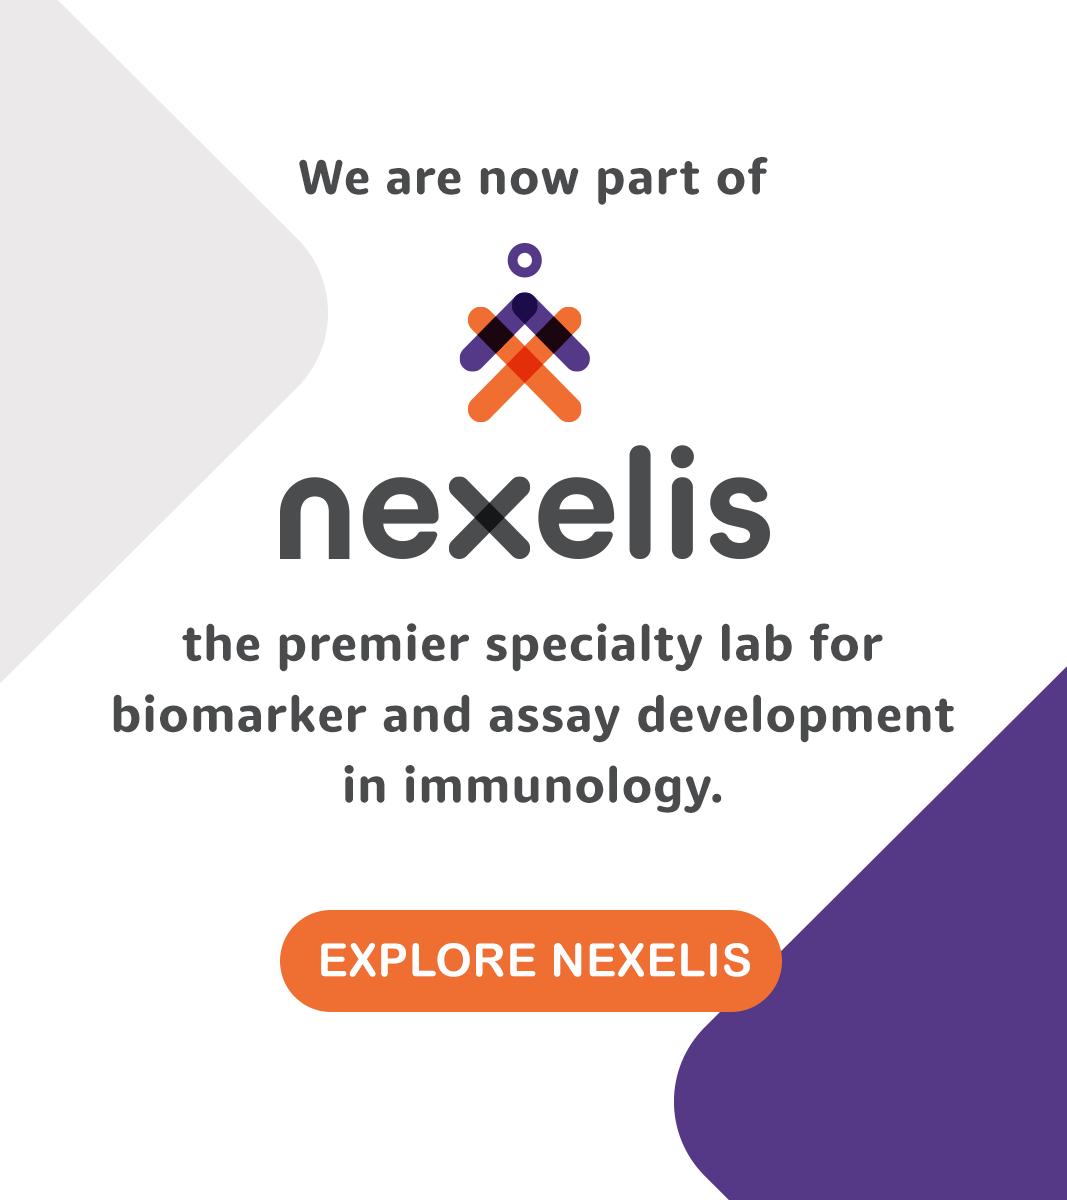 We are now part of Nexelis. Explore Nexelis